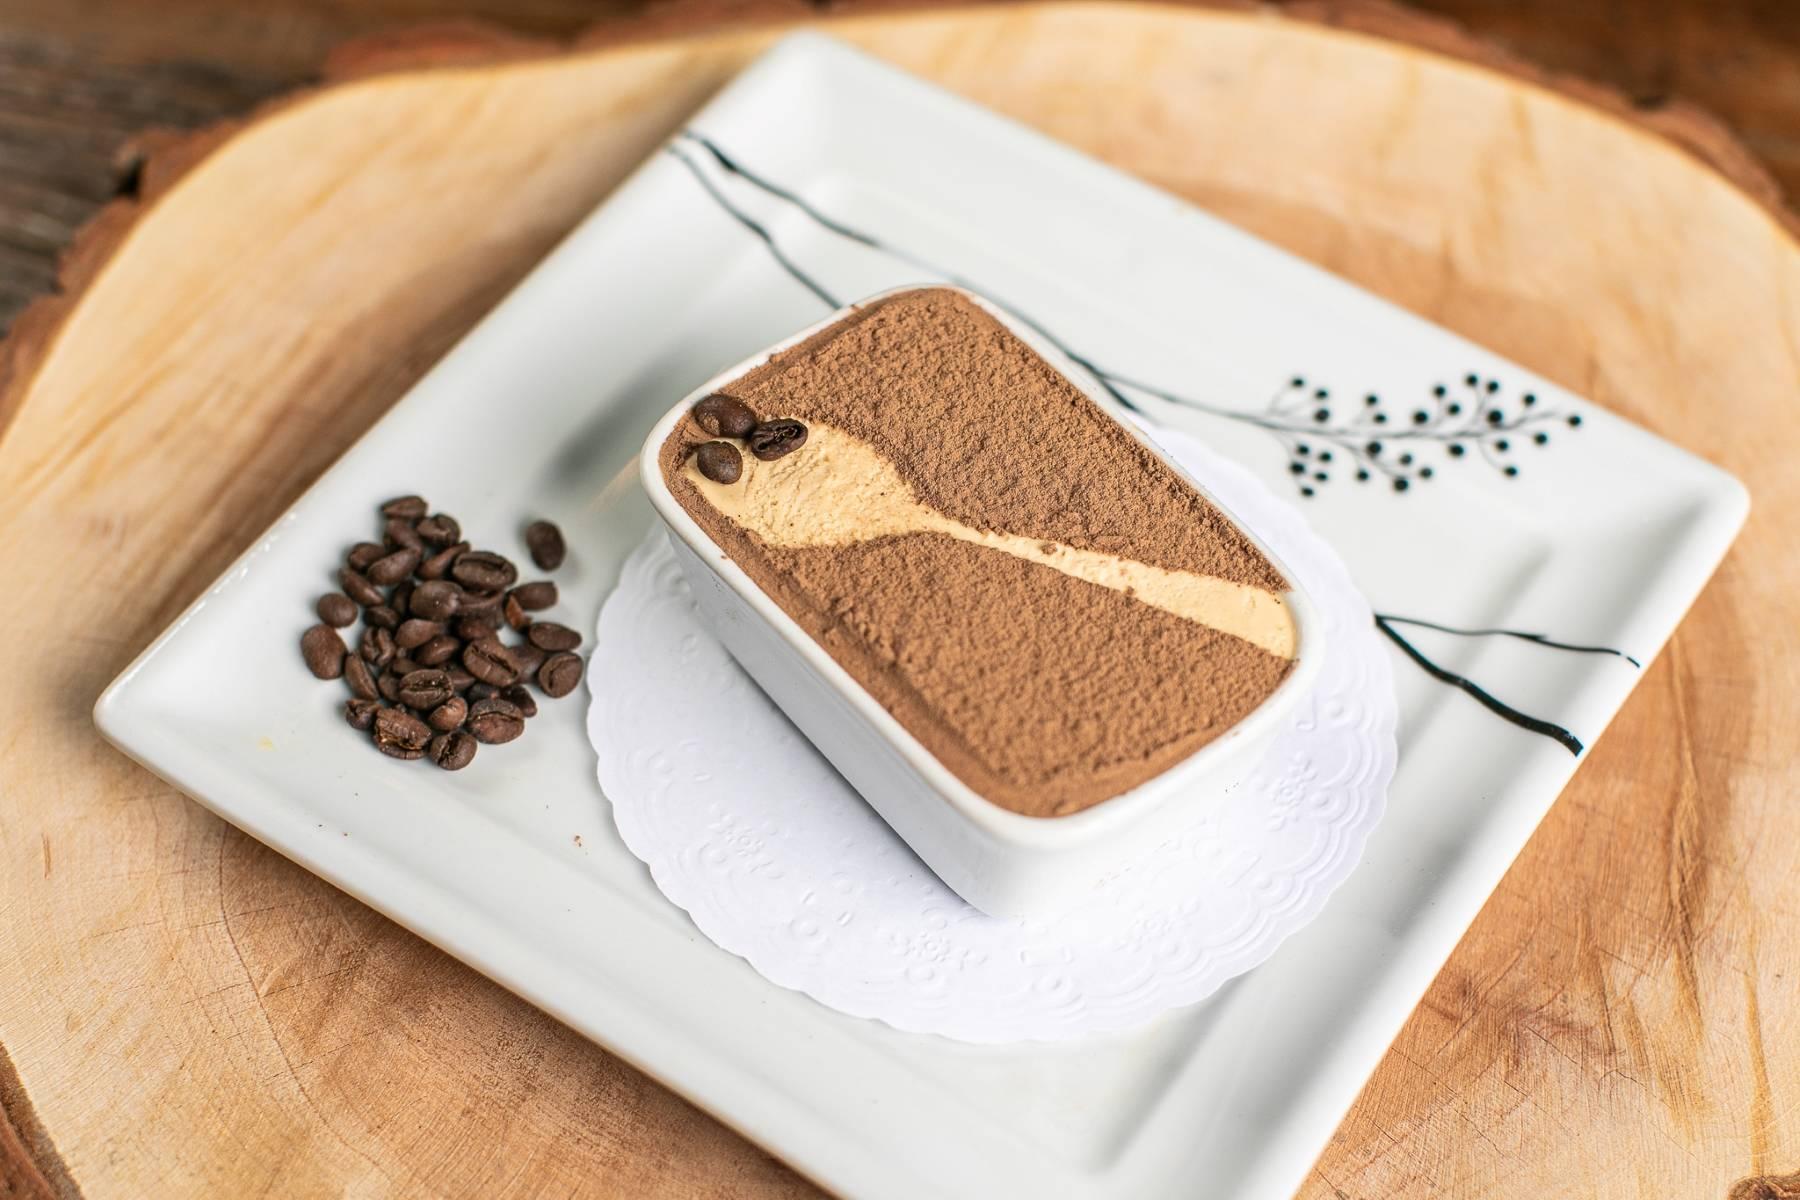 Tiramisu Fadanelli, preparado com café e doce de leite, sobremesa do Cantina Famiglia Fadanelli.